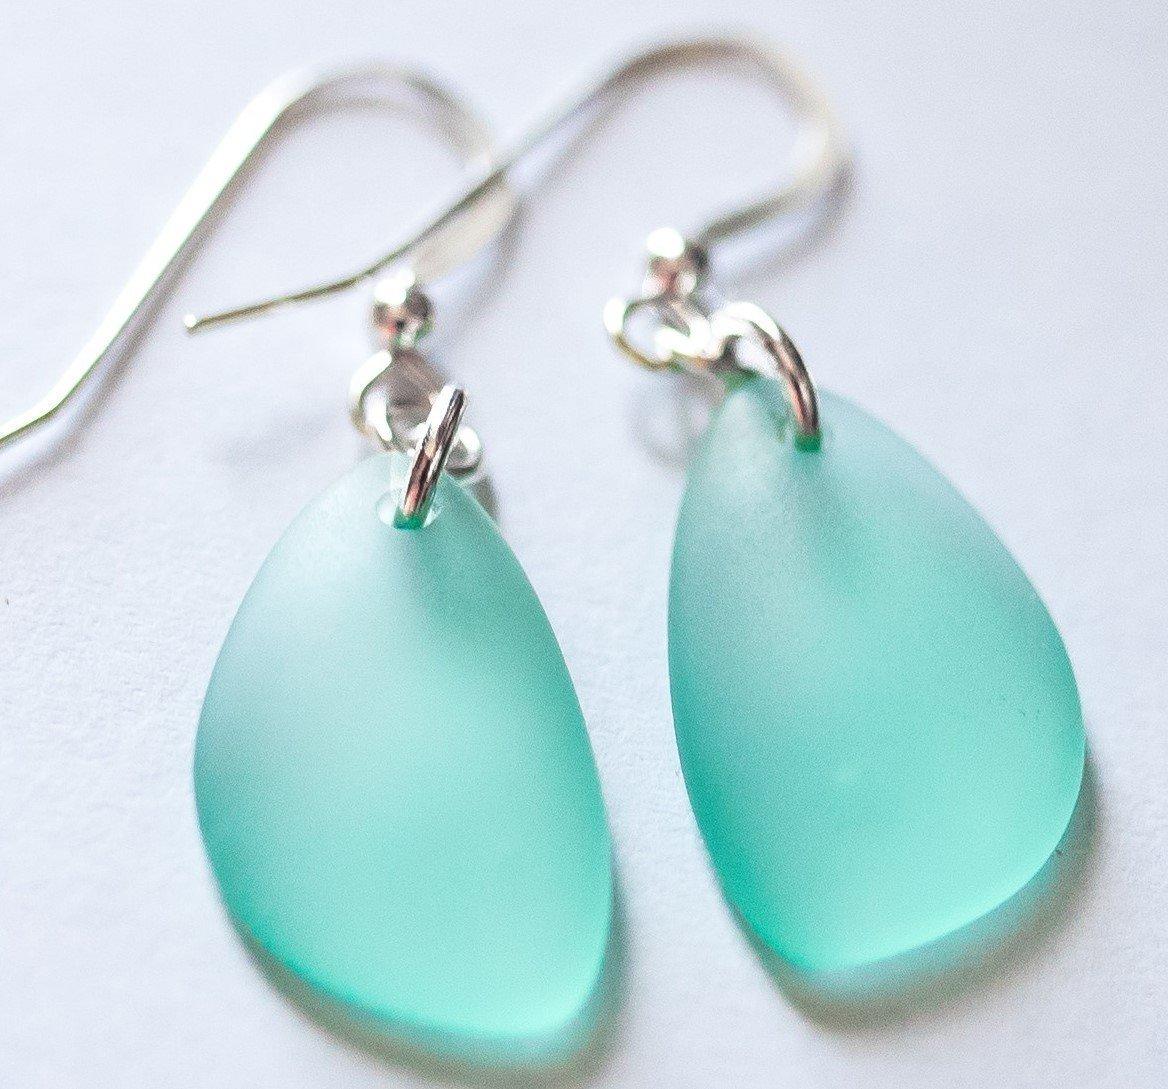 NUMBER ONE Selling Sea Foam Earrings from NAUTICAL SEA GLASS, Sea Foam, Mint Sea Glass Earrings, Sterling Silver Earrings, Aqua Earrings, Christmas gift for her, Dangle Earrings, Mint Jewelry